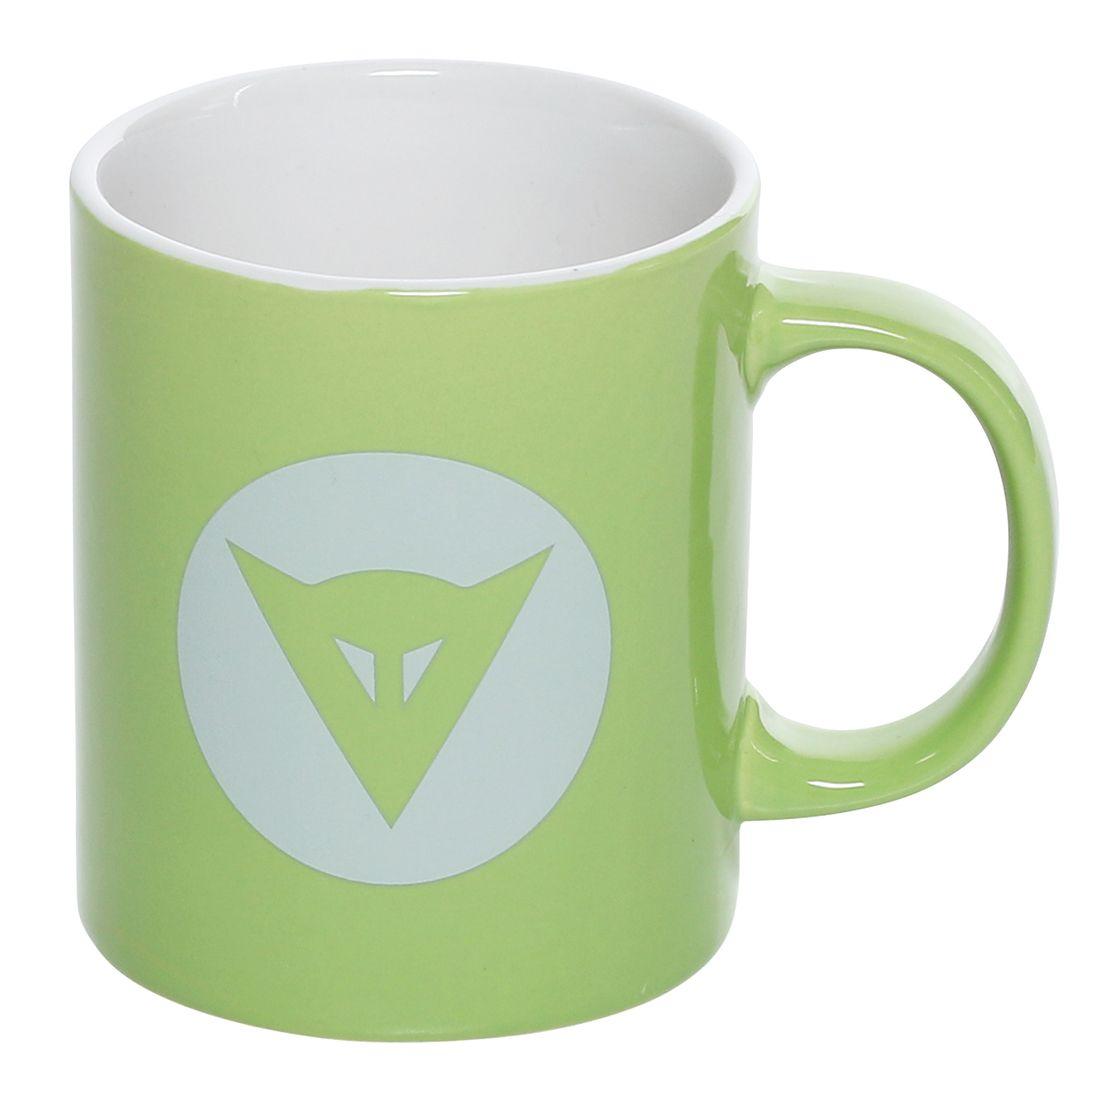 【DAINESE】COFFEE 馬克杯 - 「Webike-摩托百貨」